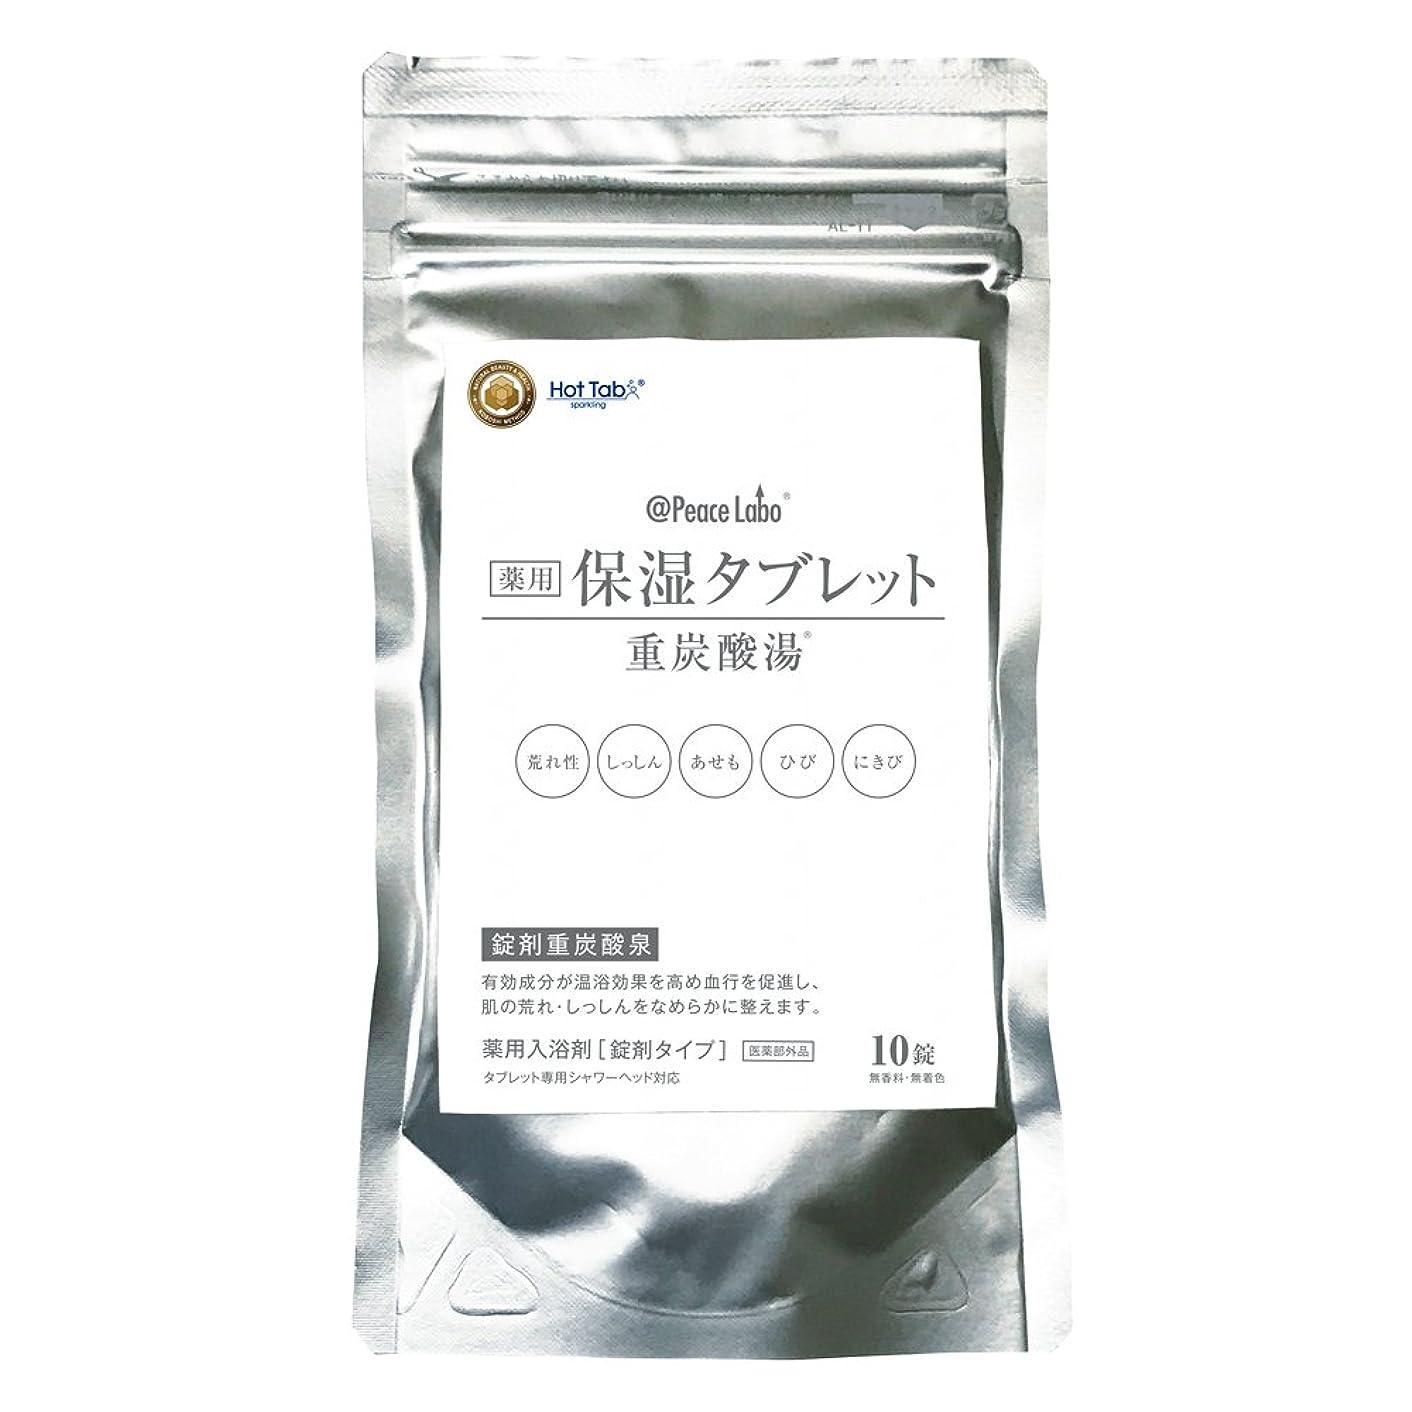 もっと少なくドライレモン@Peace Labo アットピースラボ 薬用保湿タブレット 重炭酸湯 10錠(スパークリング ホットタブ AT802)